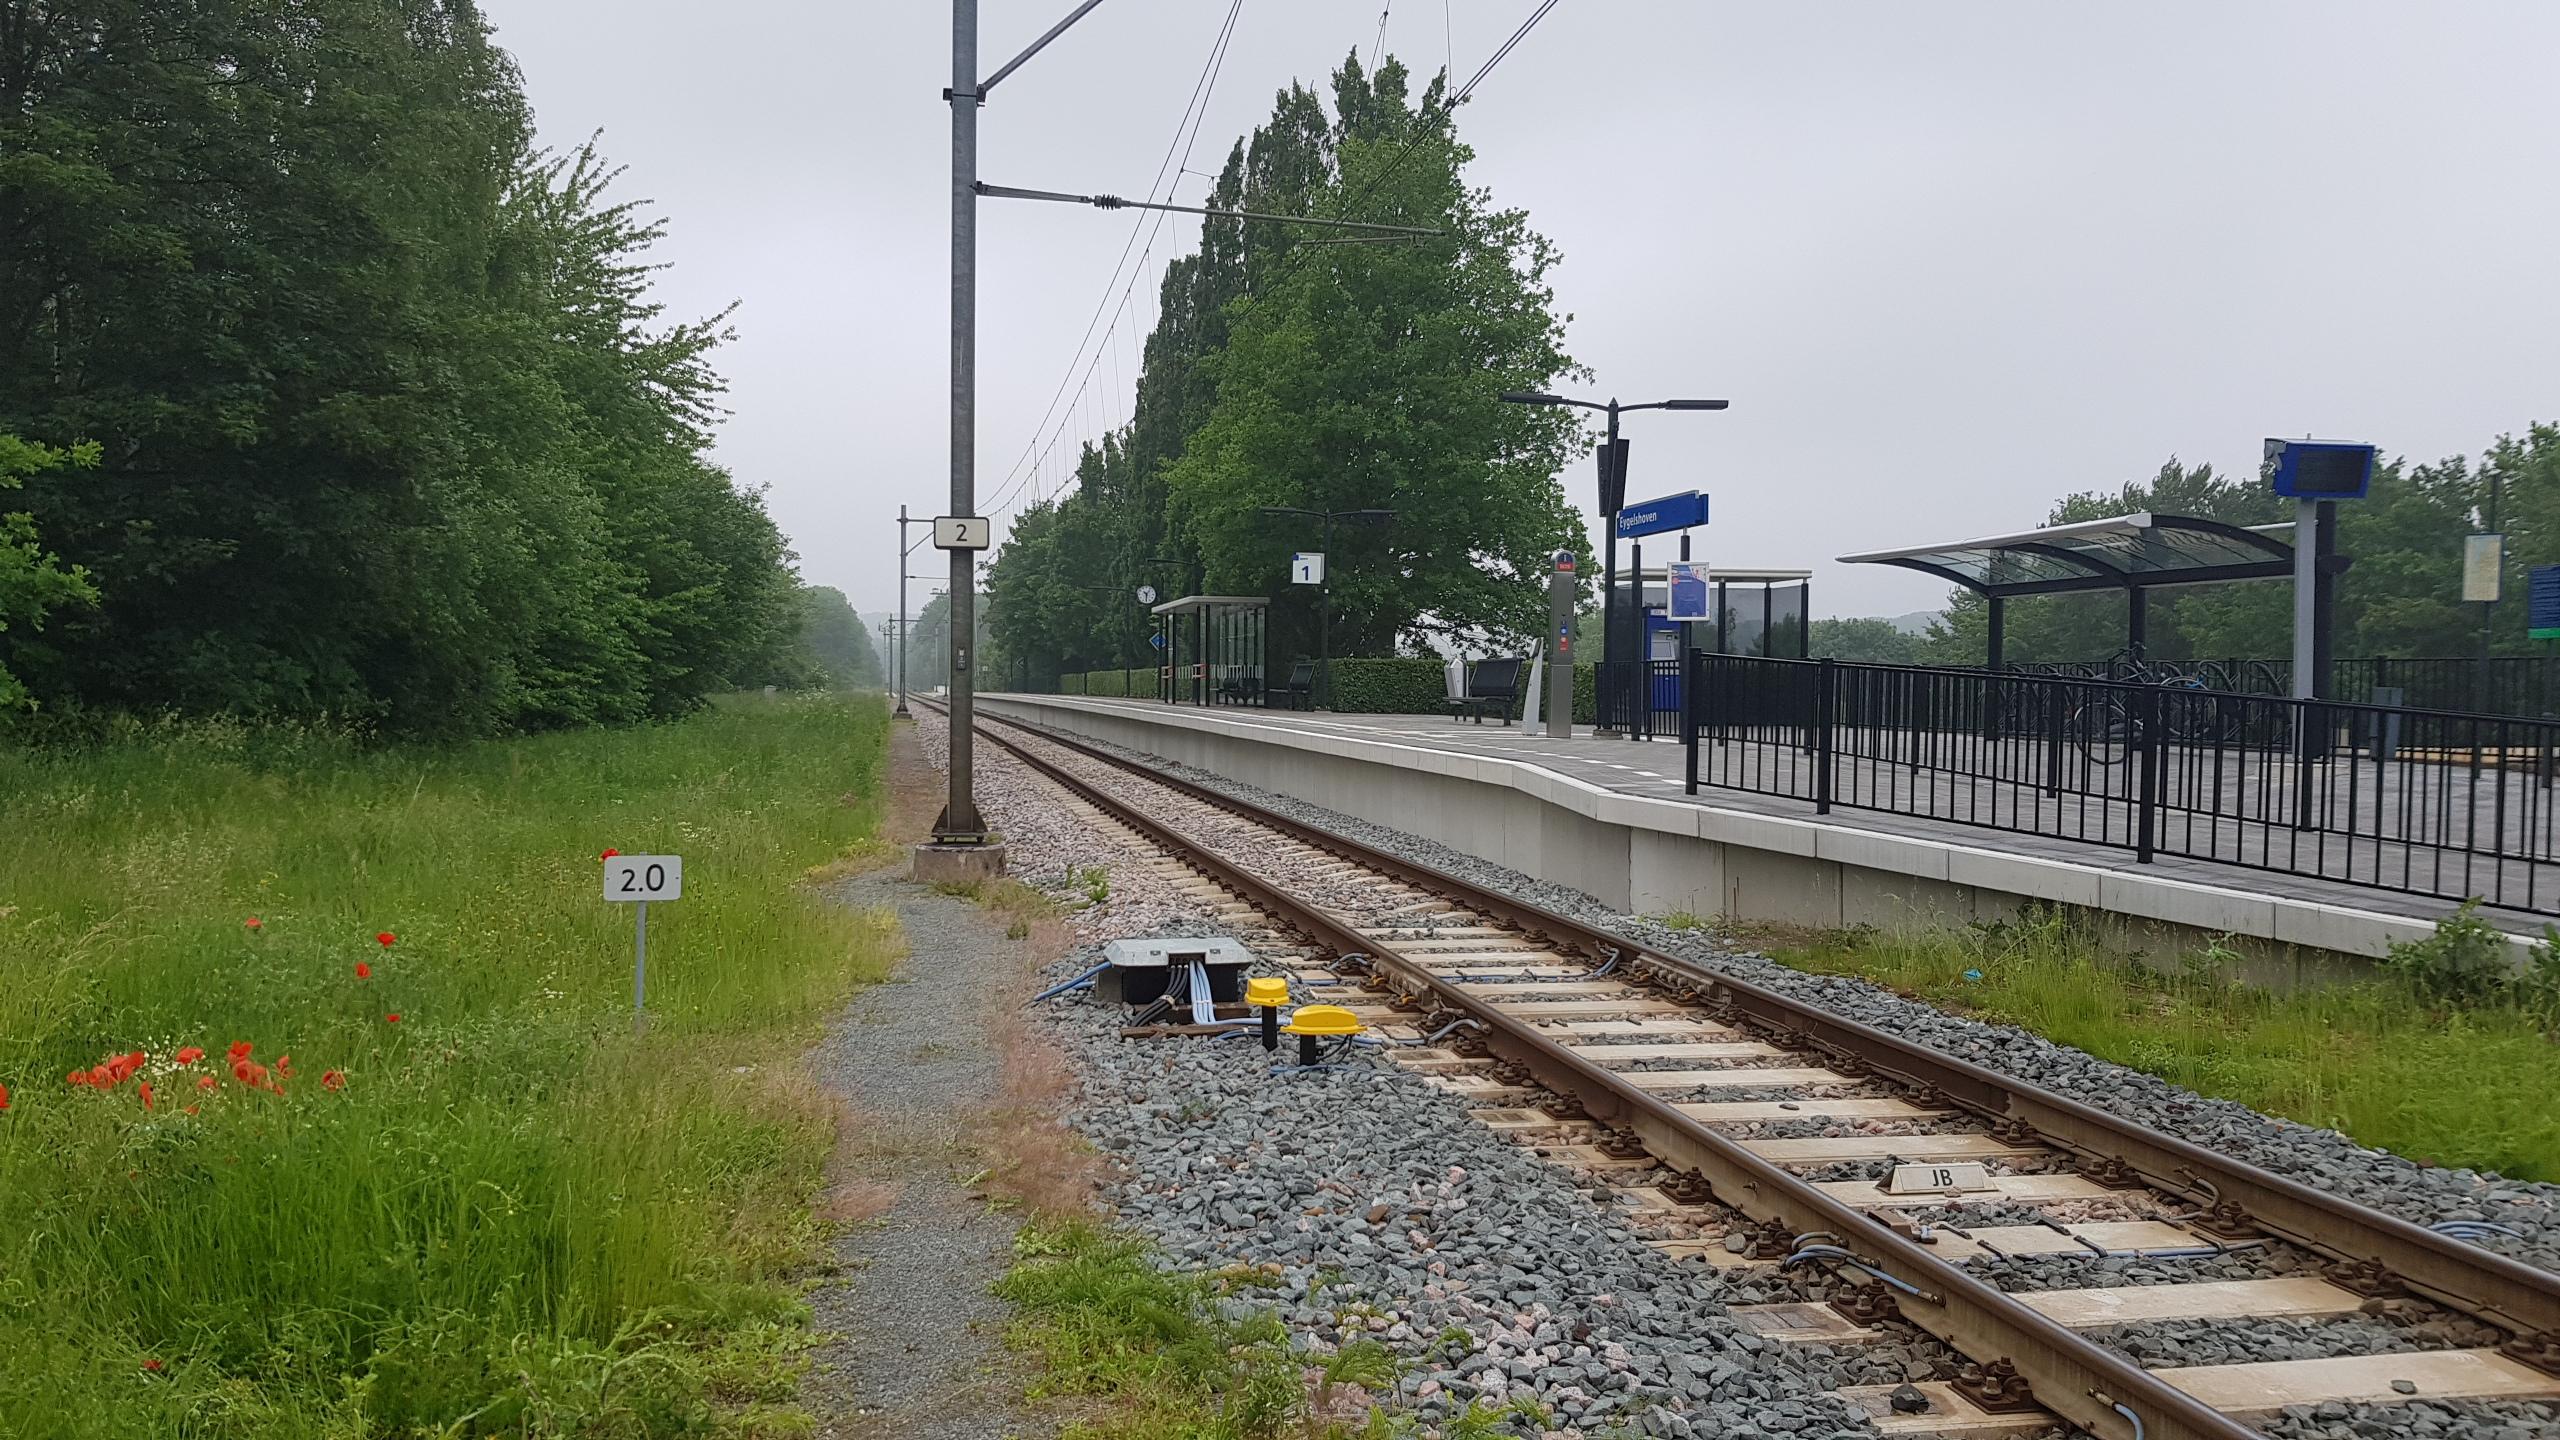 Station Eygelshoven